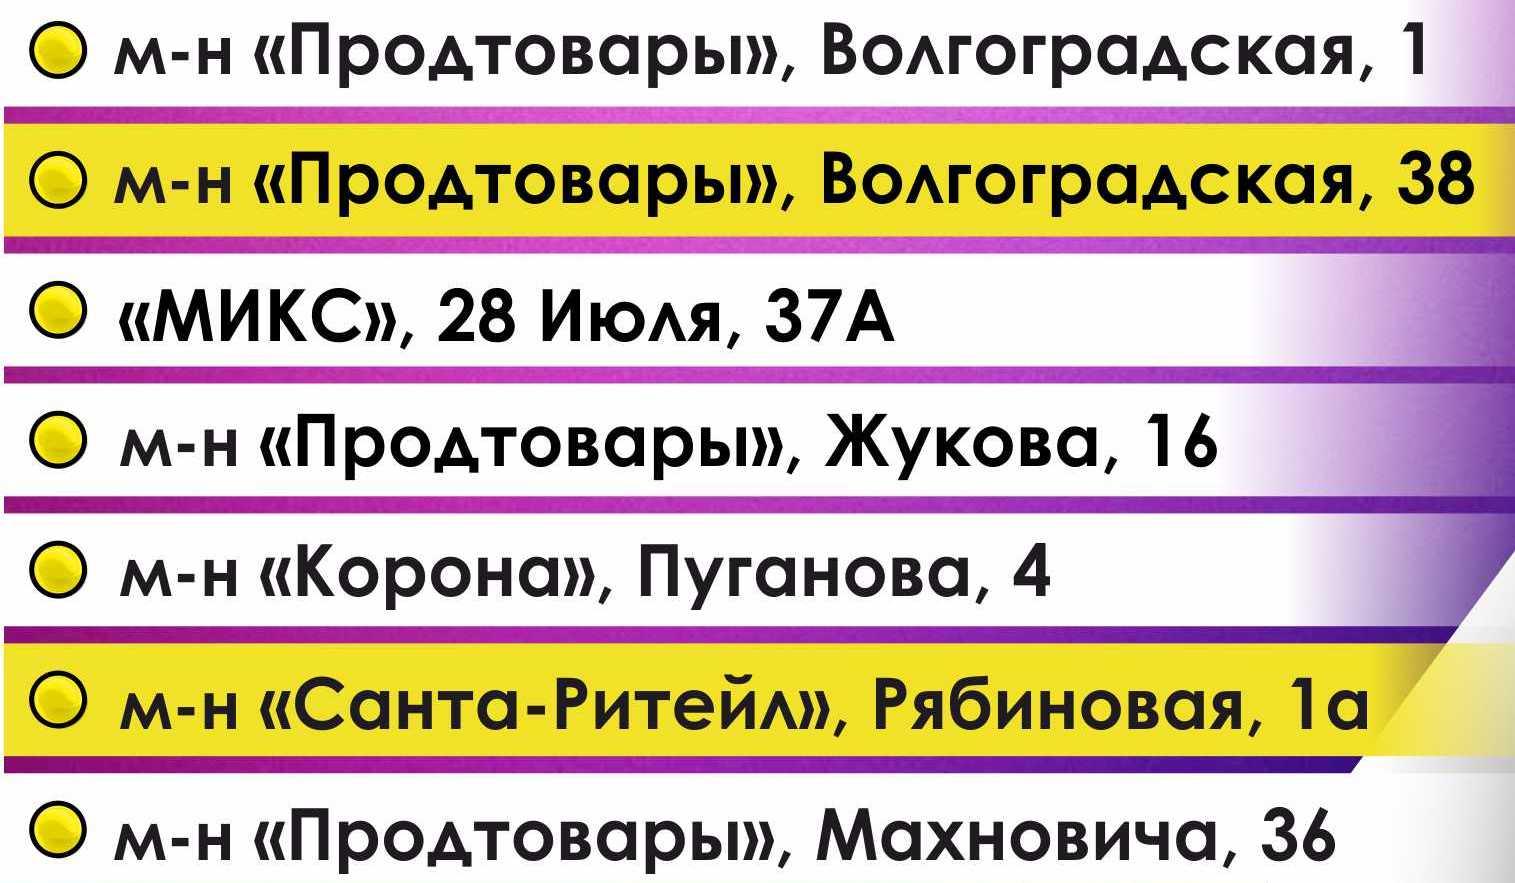 адреса букмекерских контор в новосибирске